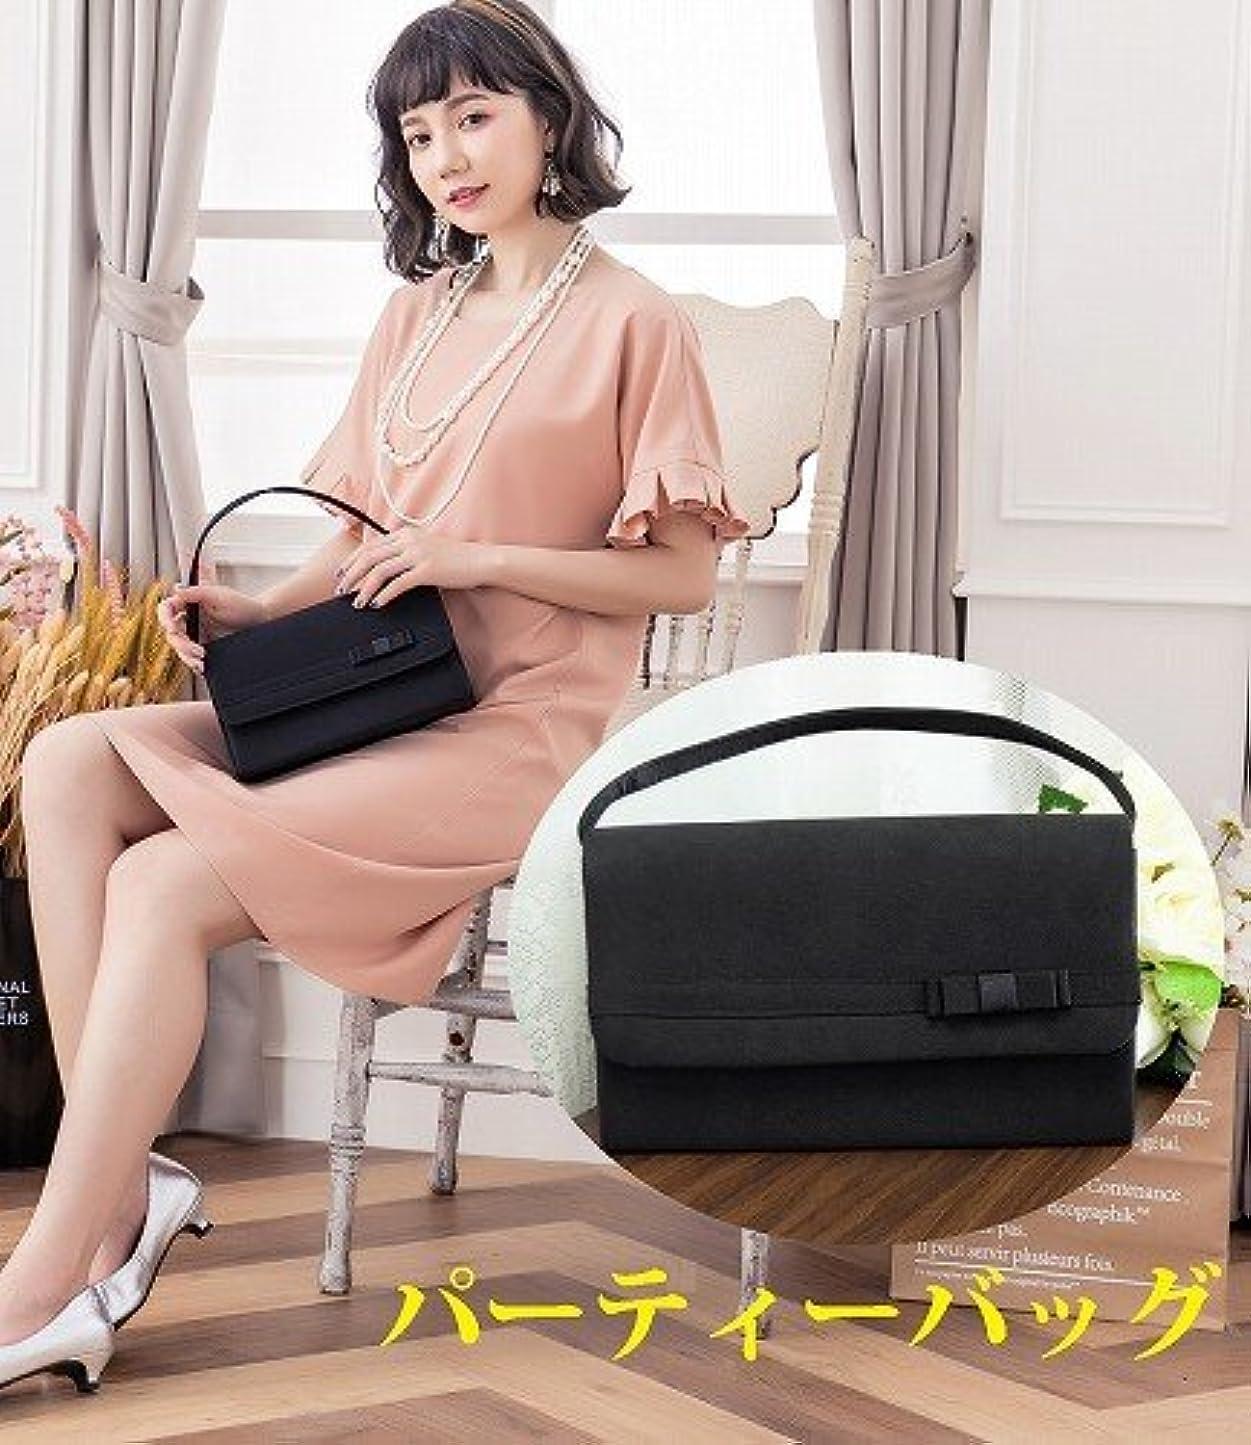 ペパーミントハードリング口新品 大きめバッグ レディースパーティー クラッチ ファッション☆j★